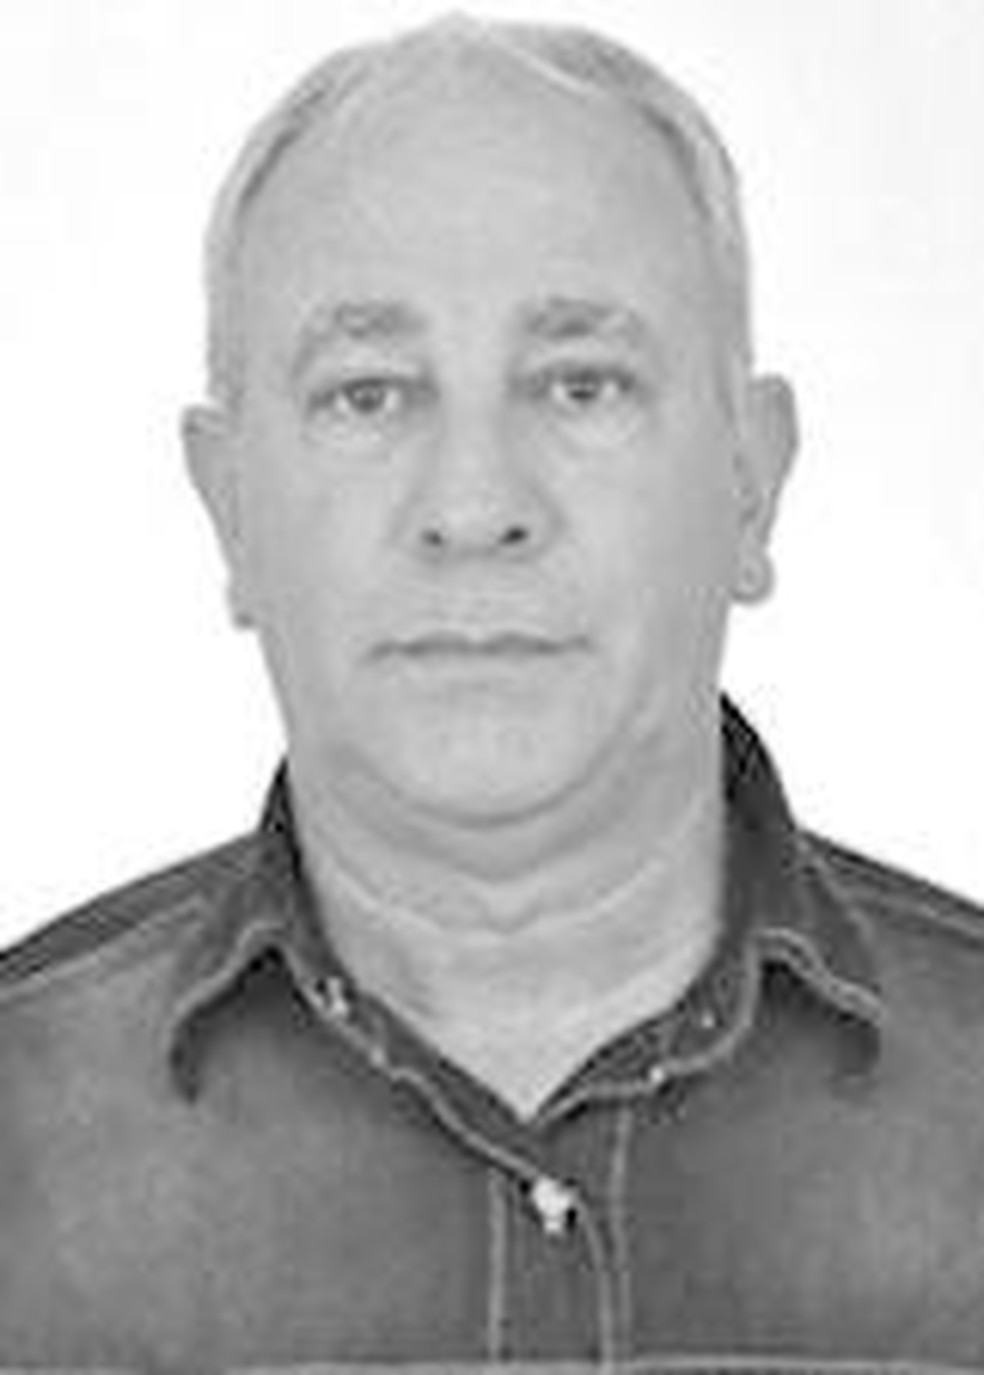 Vereador sofreu uma queda na quinta-feira (22) e estava internado no Hospital Raul Sertã  (Foto: TSE | Reprodução)